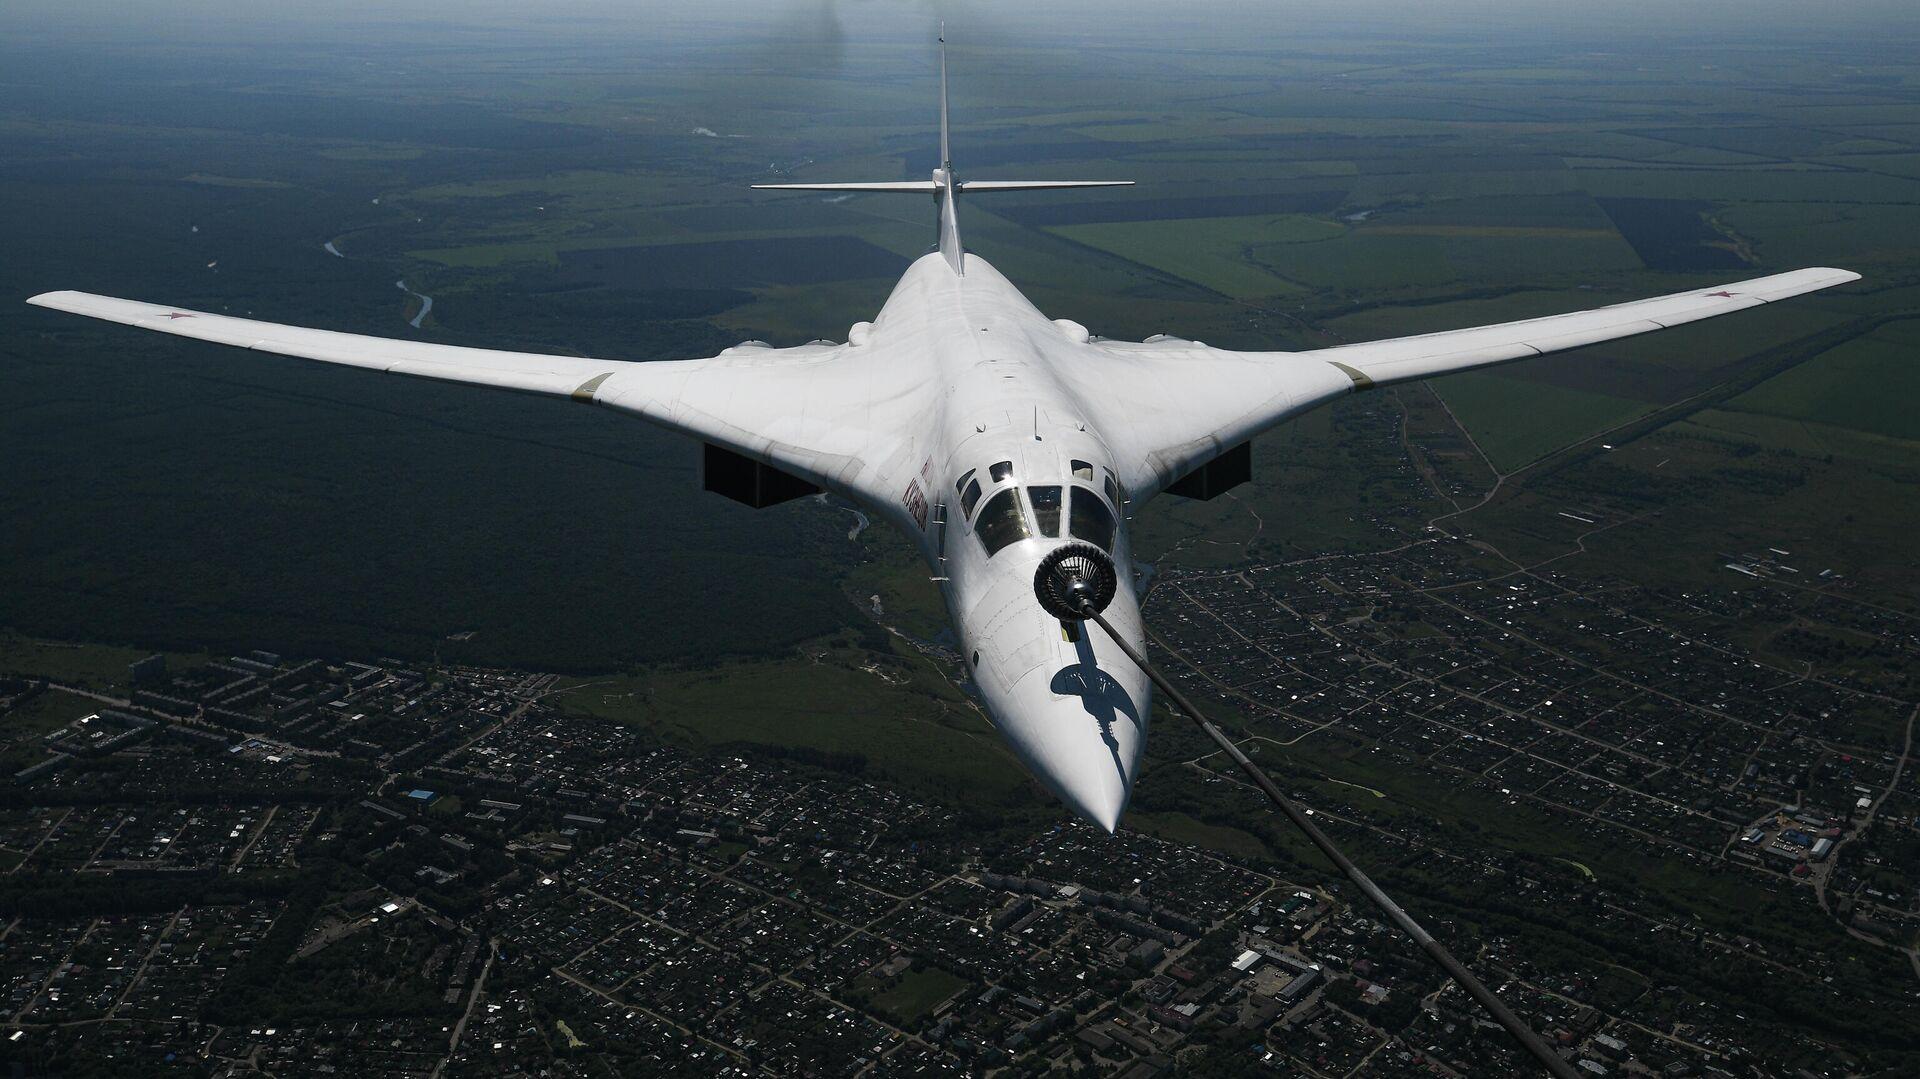 Стратегический бомбардировщик-ракетоносец Ту-160  - РИА Новости, 1920, 14.10.2020